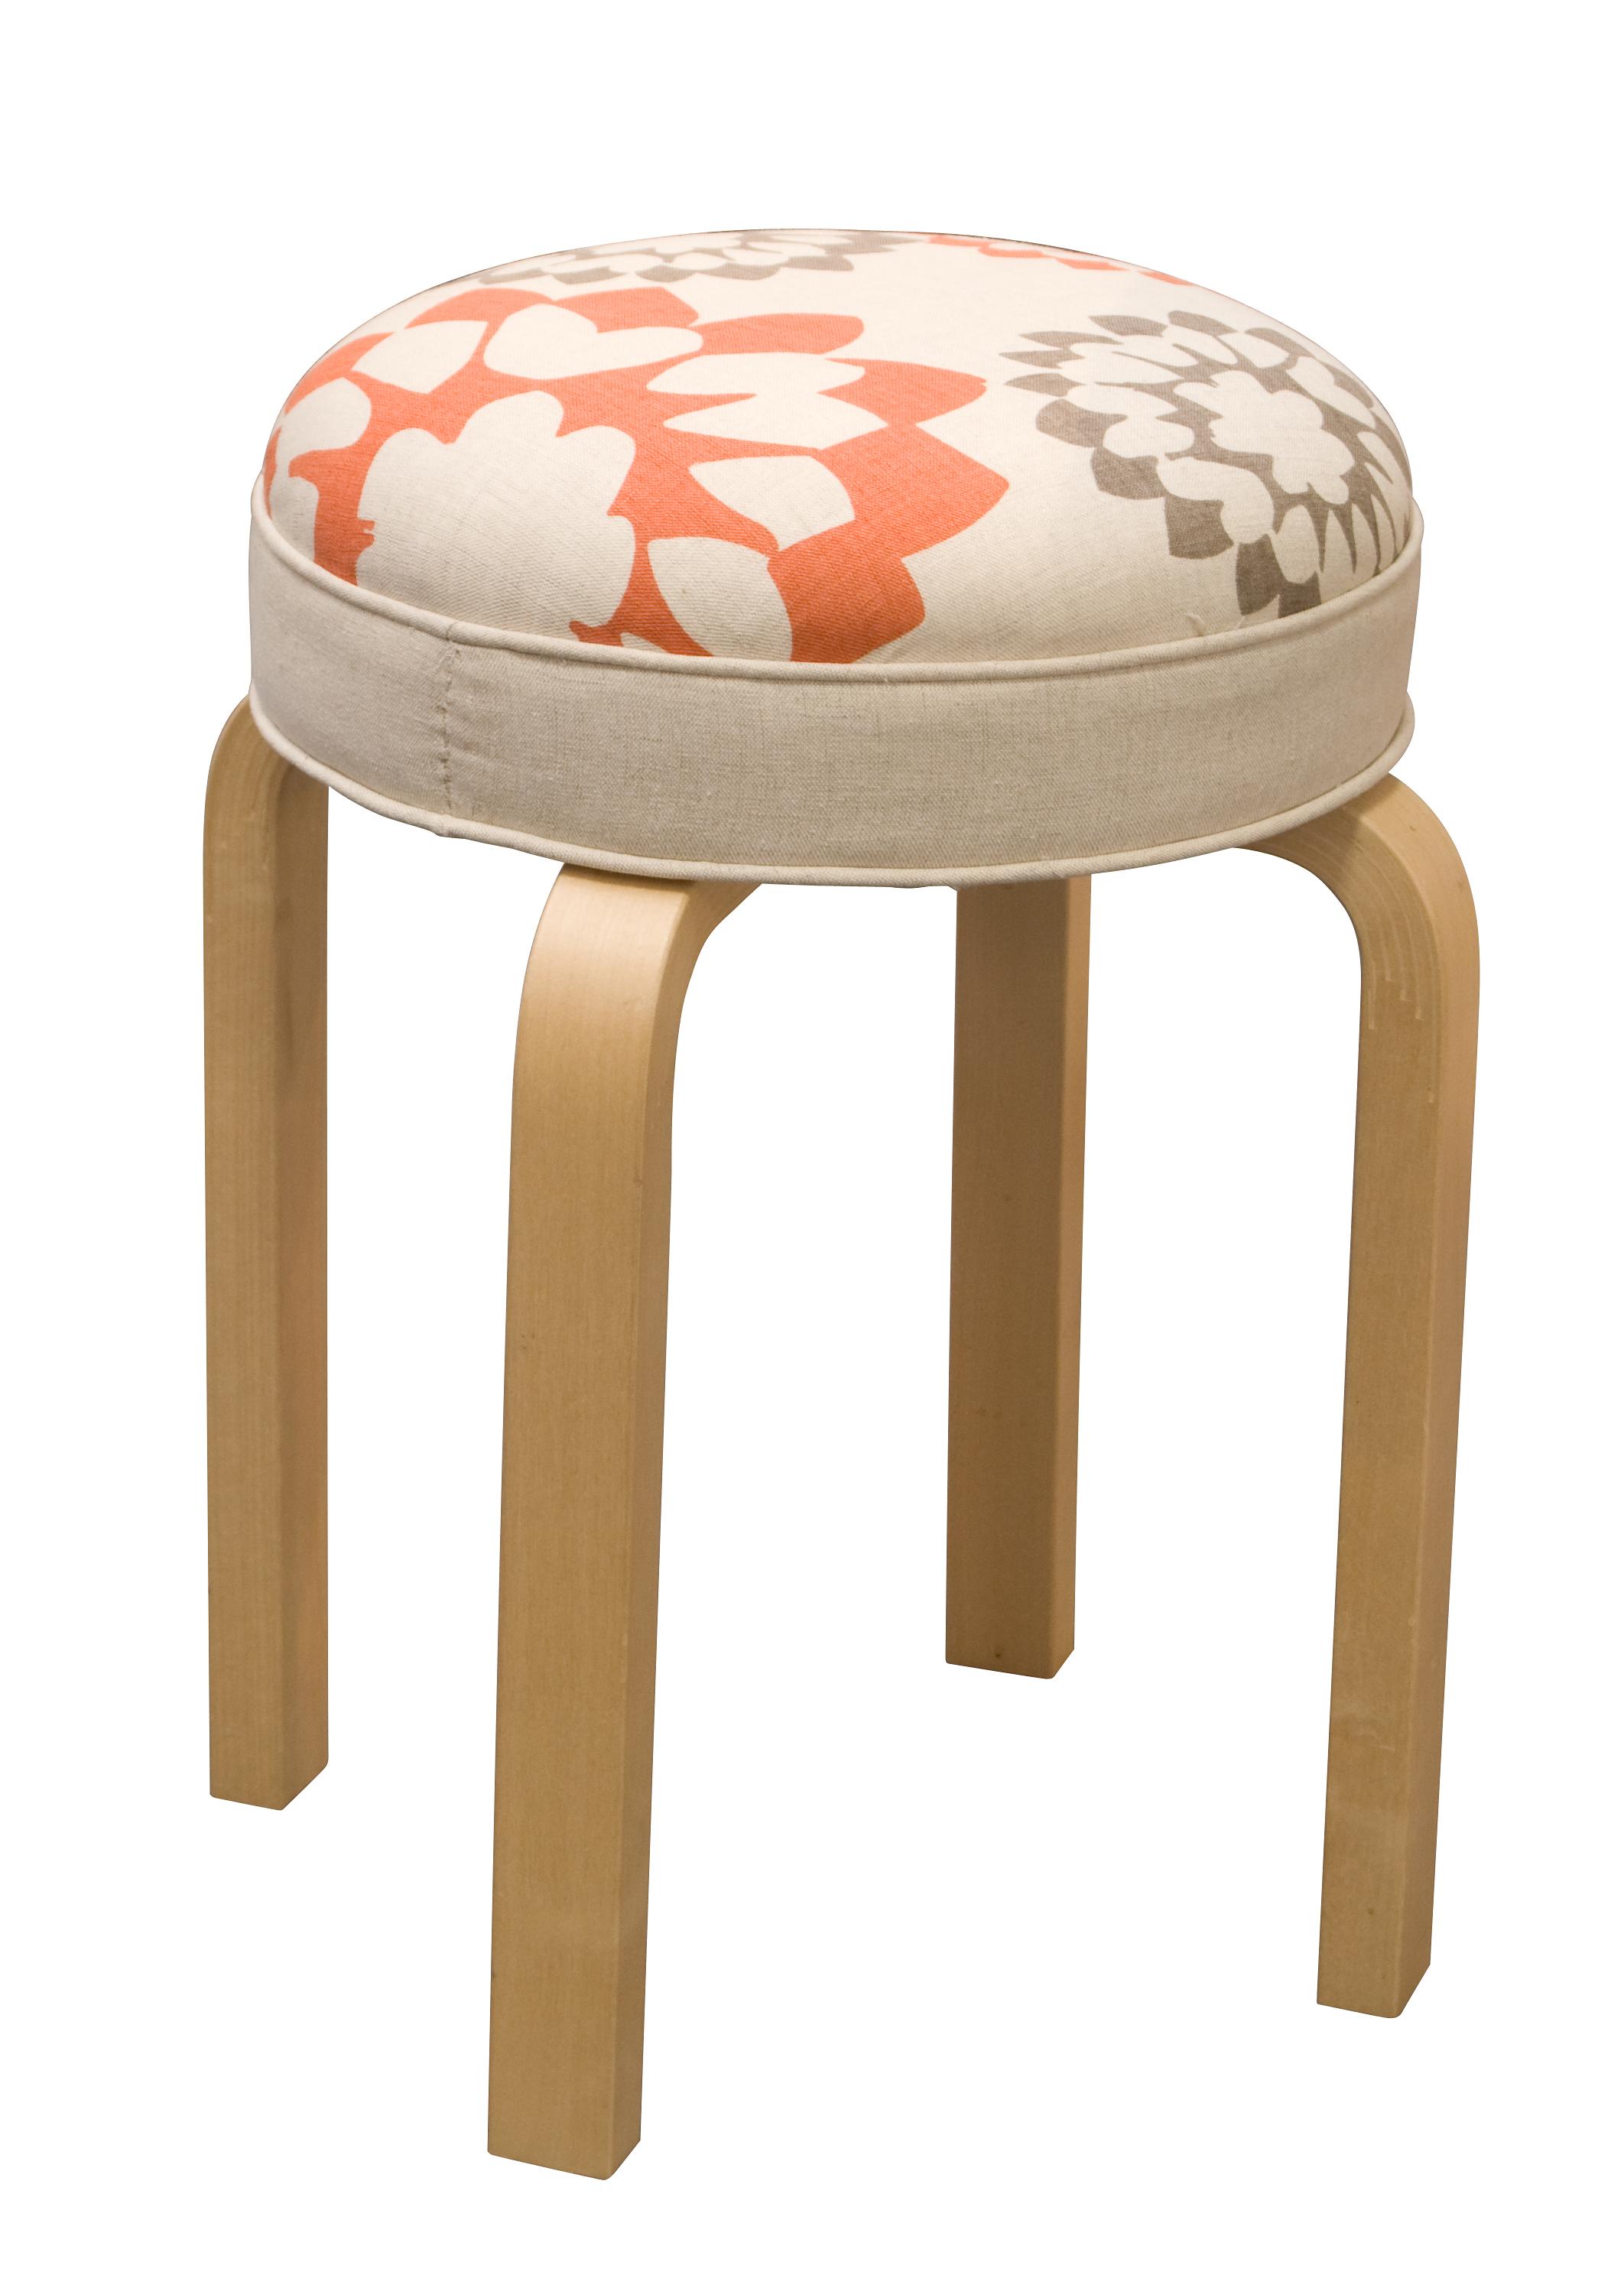 Furniture Stool Carousel Linen Judy Ross Textiles